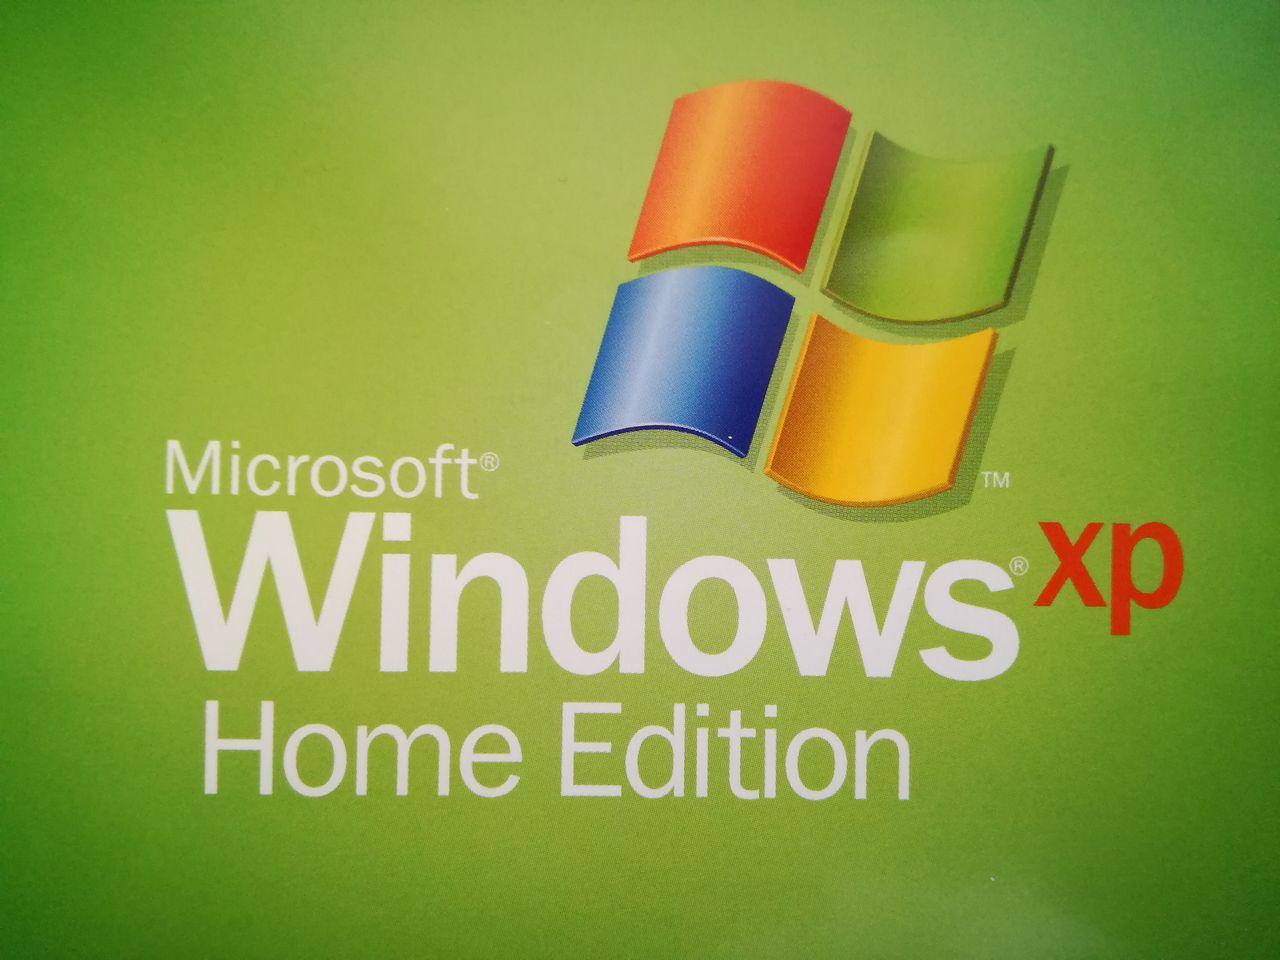 Windows XP w 2018 — w tym szaleństwie jest metoda - Za każdym razem jak na to patrzę, słyszę charakterystyczny dźwięk logowania ;)